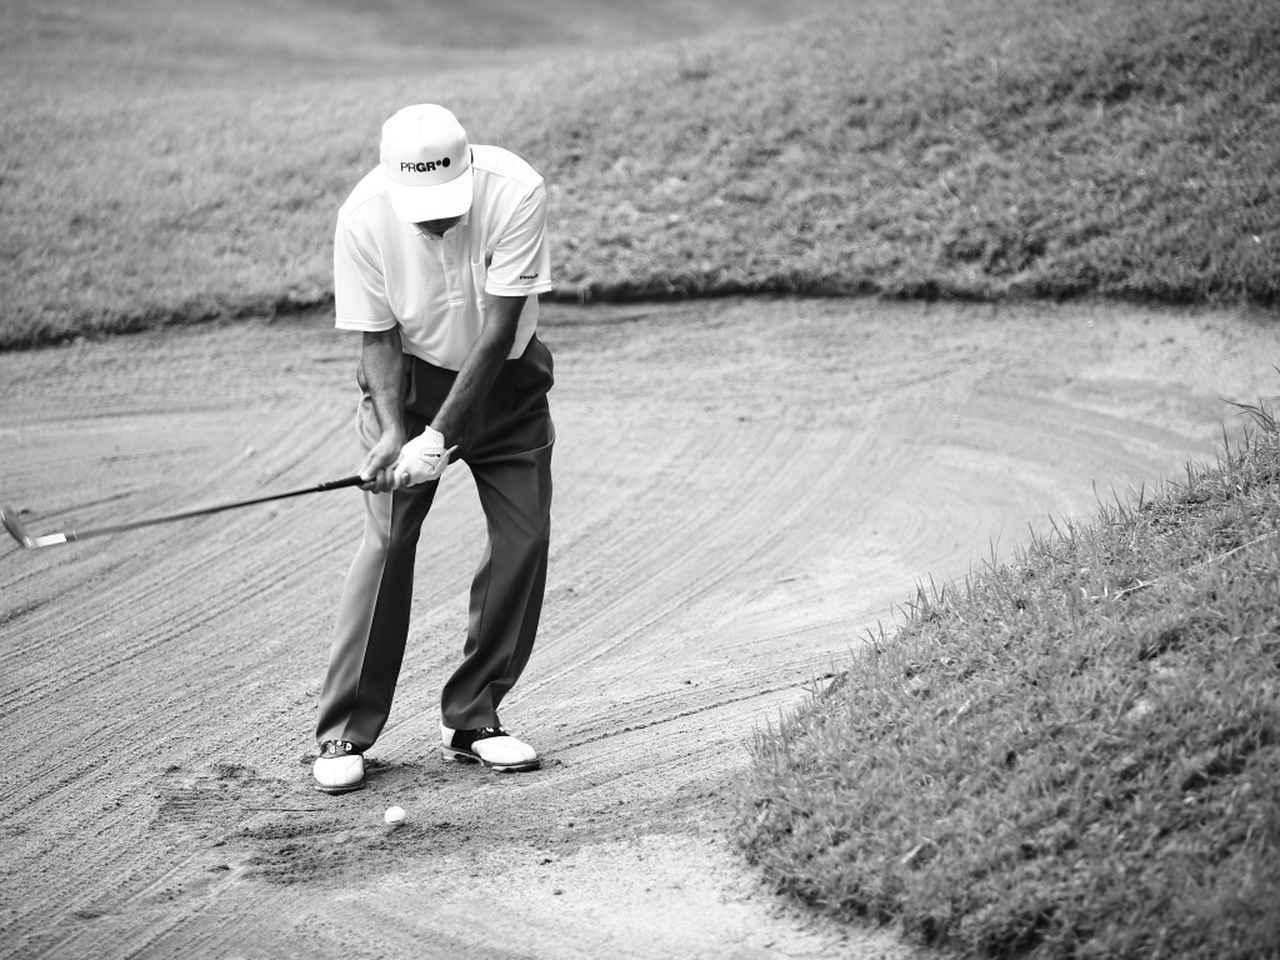 画像2: 【通勤GD】海老原清治&奥田靖己 もう一花のゴルフVol.4 とっておきの「1㍎バンカー」練習 ゴルフダイジェストWEB